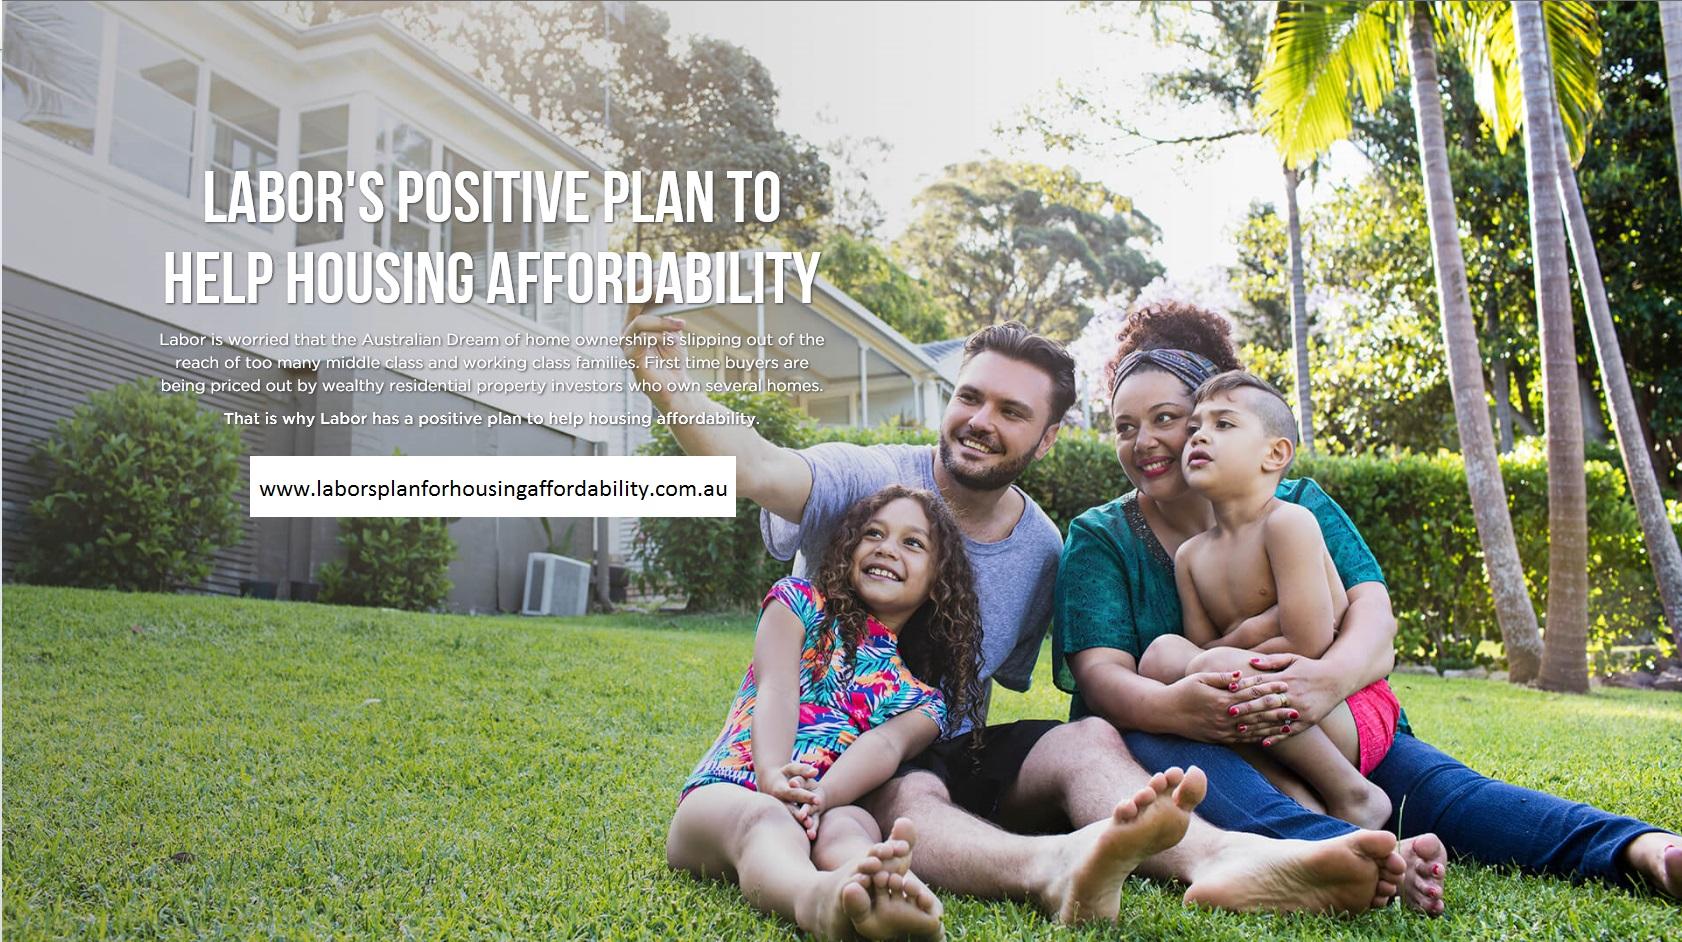 laborsplanforhousingaffordability.jpg